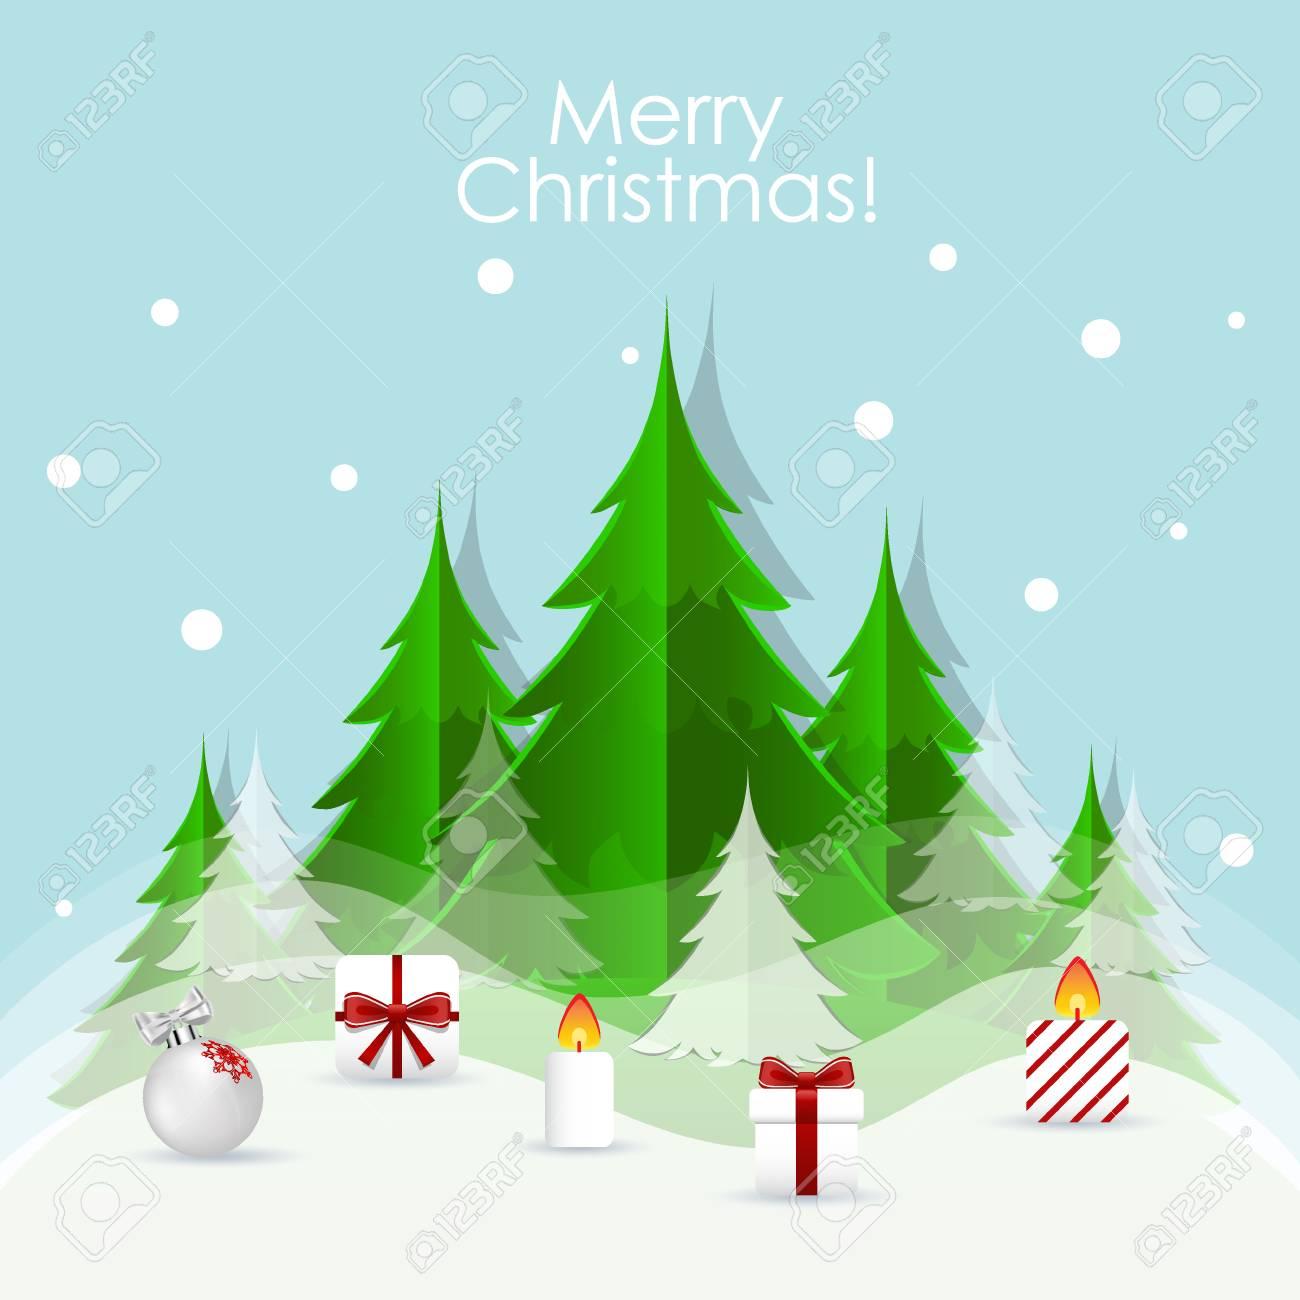 Immagini Natalizie Vettoriali.Biglietto Di Auguri Di Natale Con Albero Di Natale E Decorazioni Natalizie Illustrazione Vettoriale